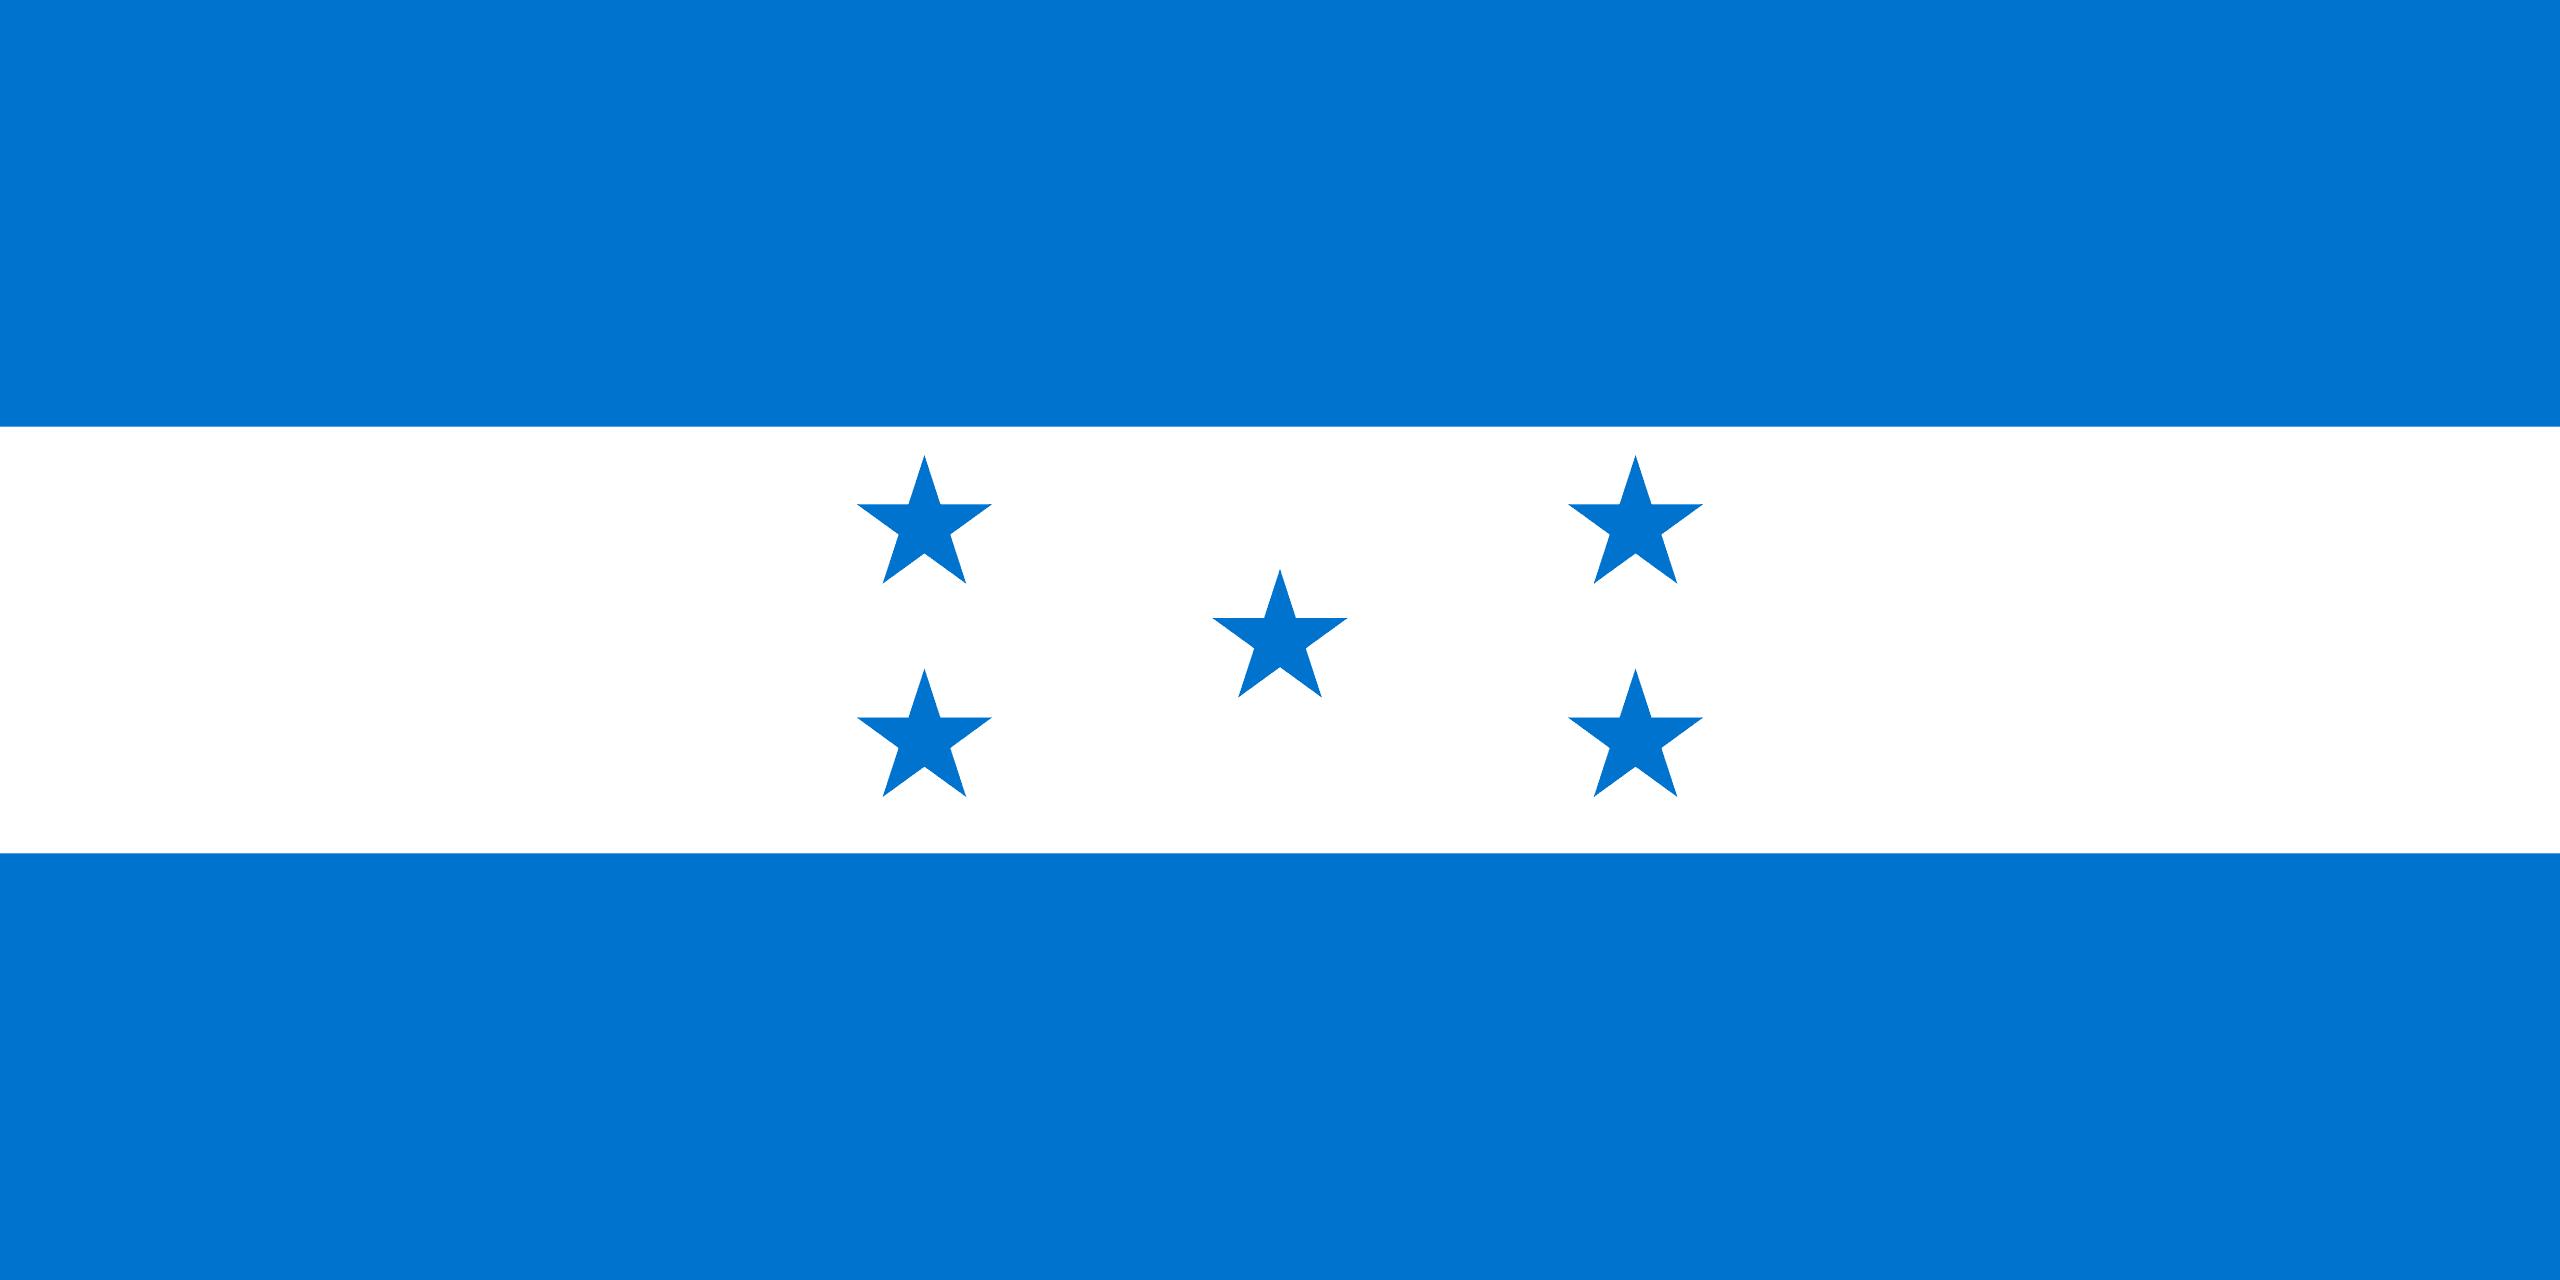 Σημαία Ονδούρας